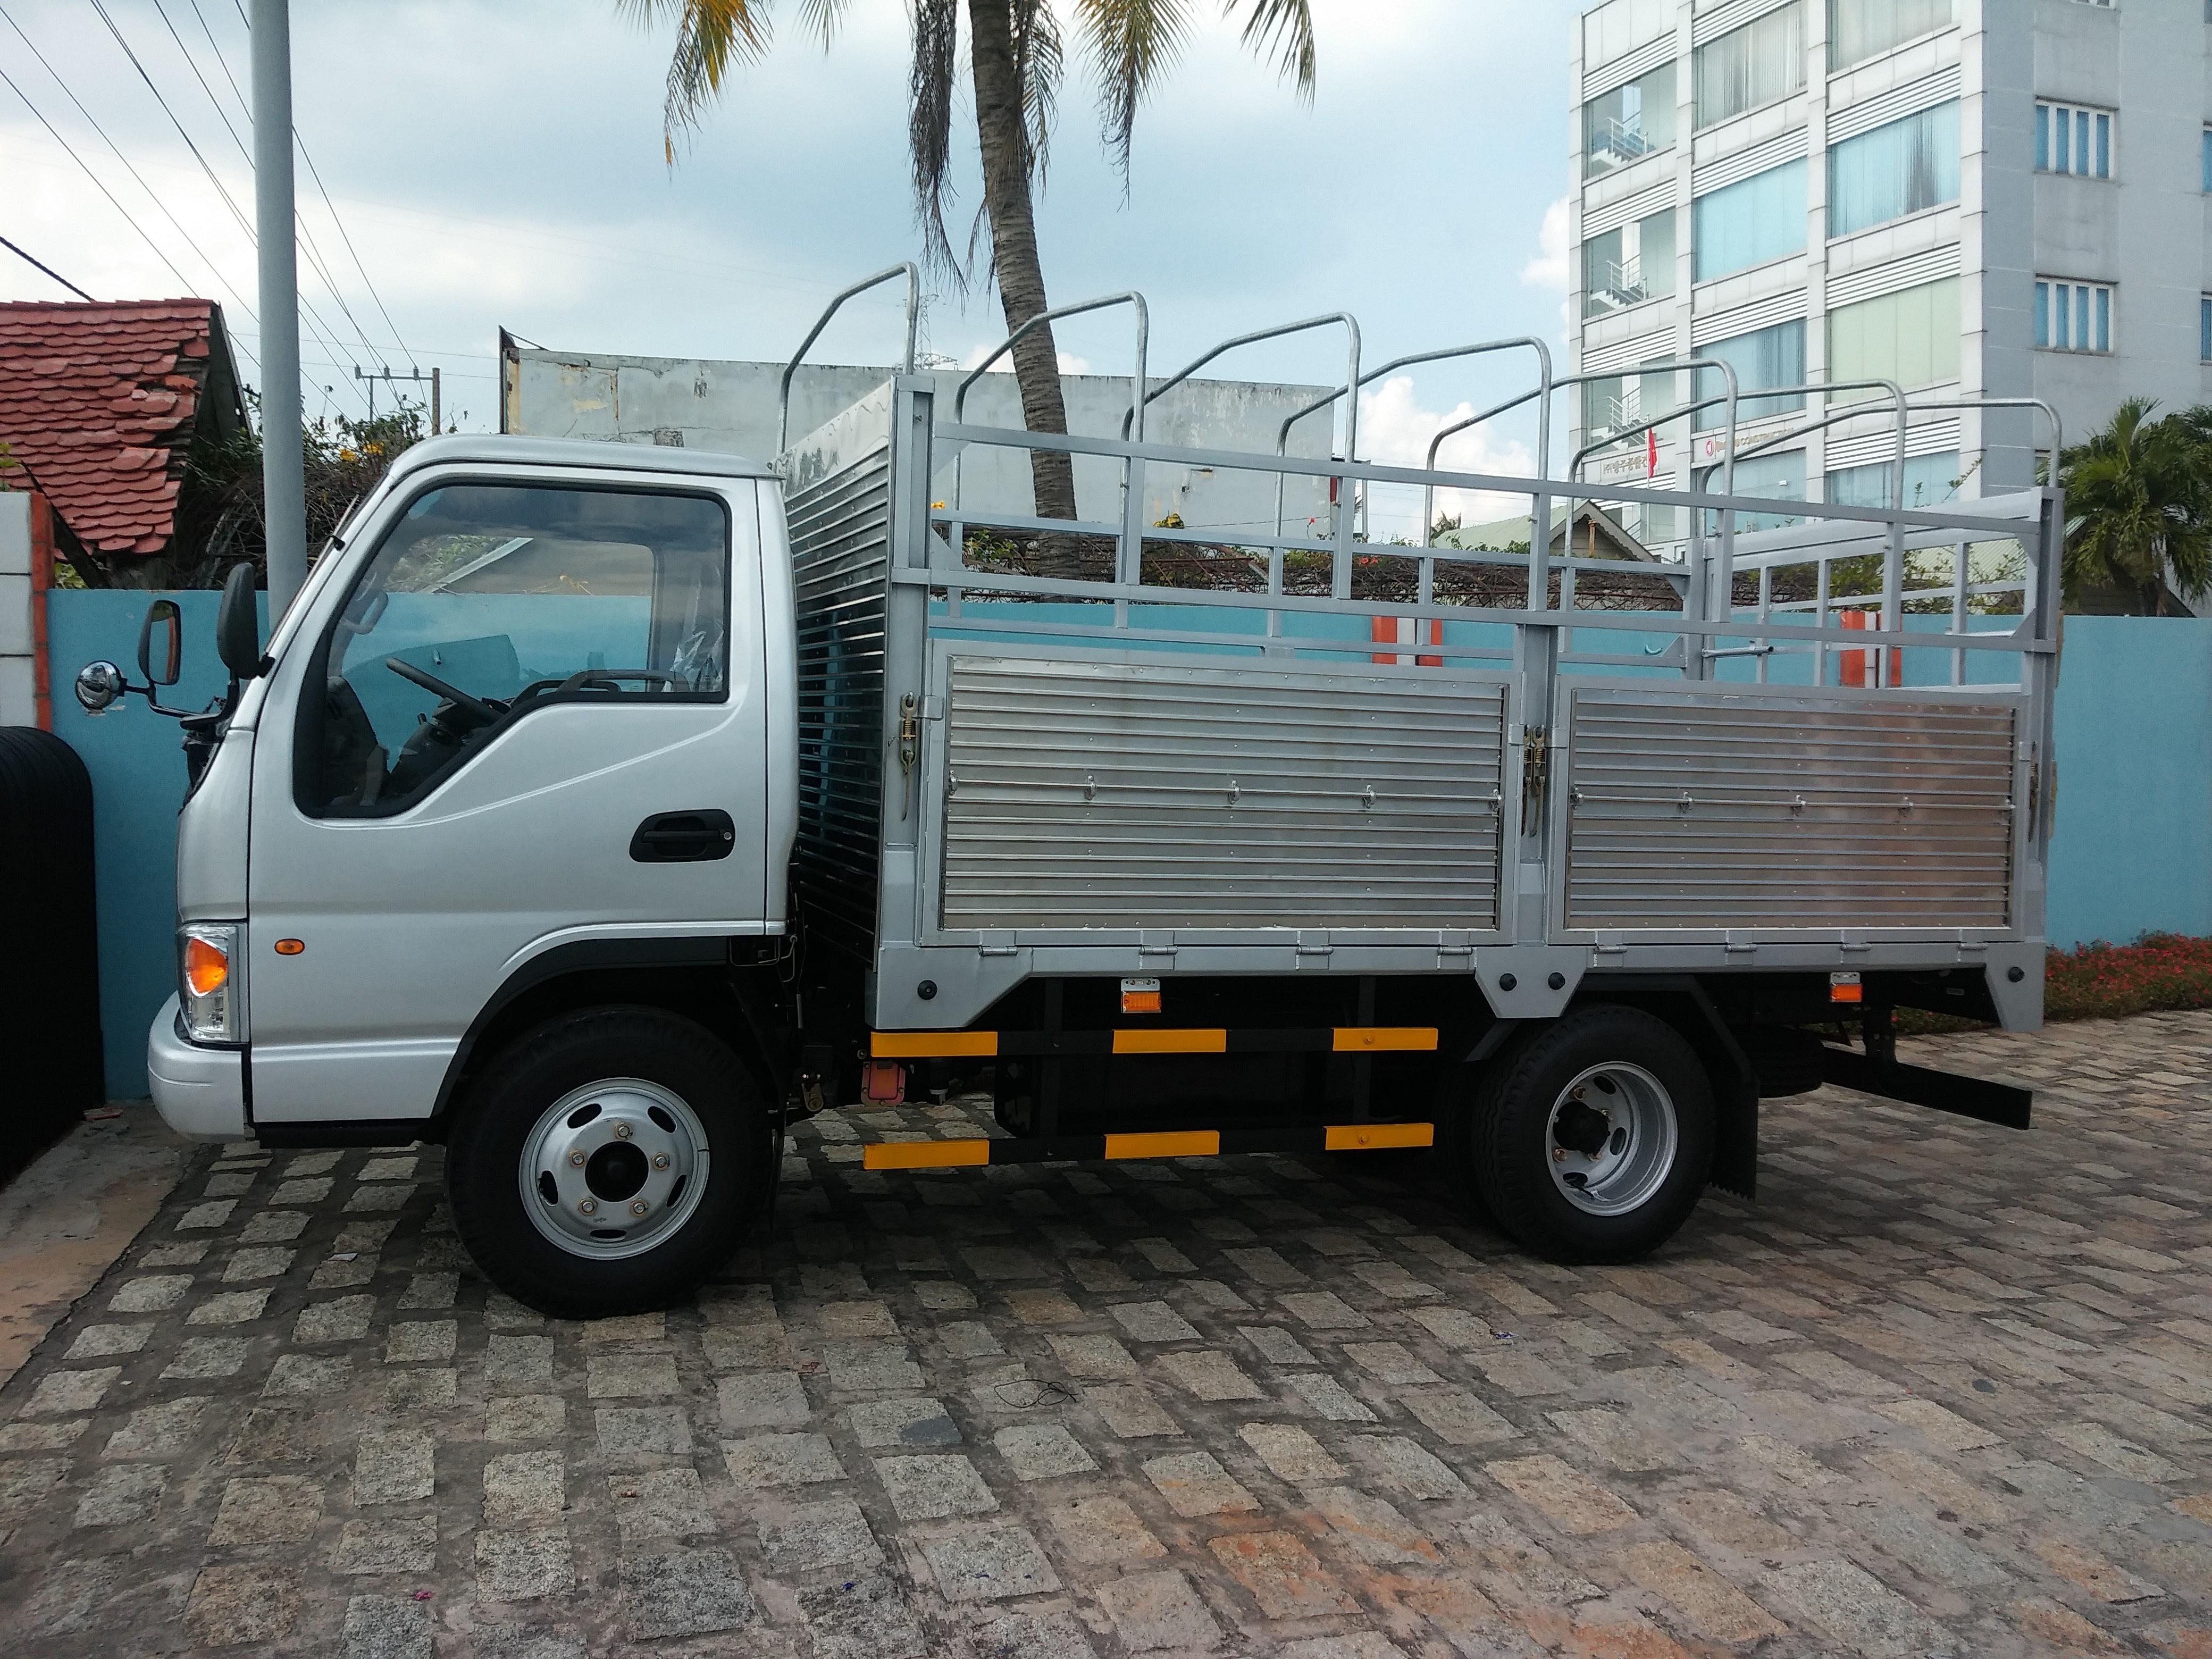 Khuyến mãi lớn khi xe tải jac 1t5 1tan5 1 tấn 5 thùng bạt, thùng kín, thùng lửng máy cn isuzu